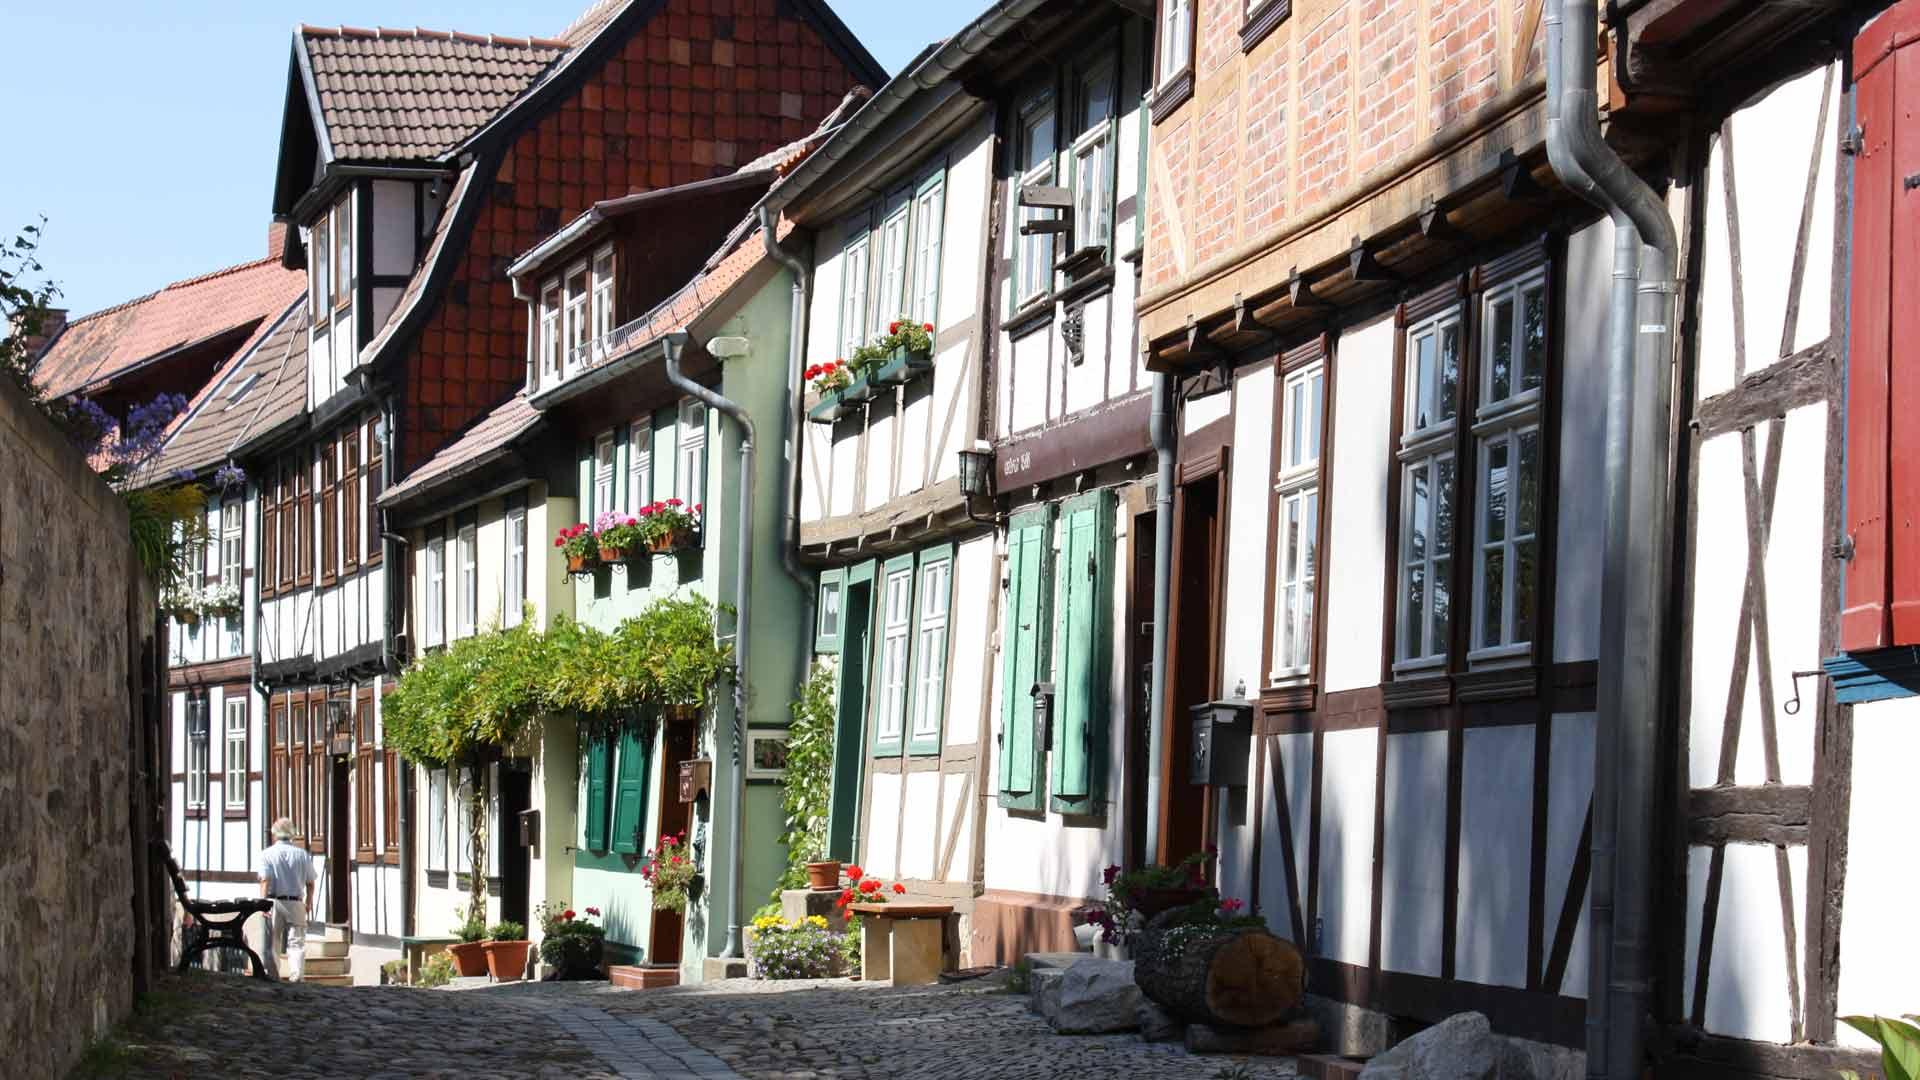 Geen wonder dat in Quedlinburg al veel films zijn gemaakt.